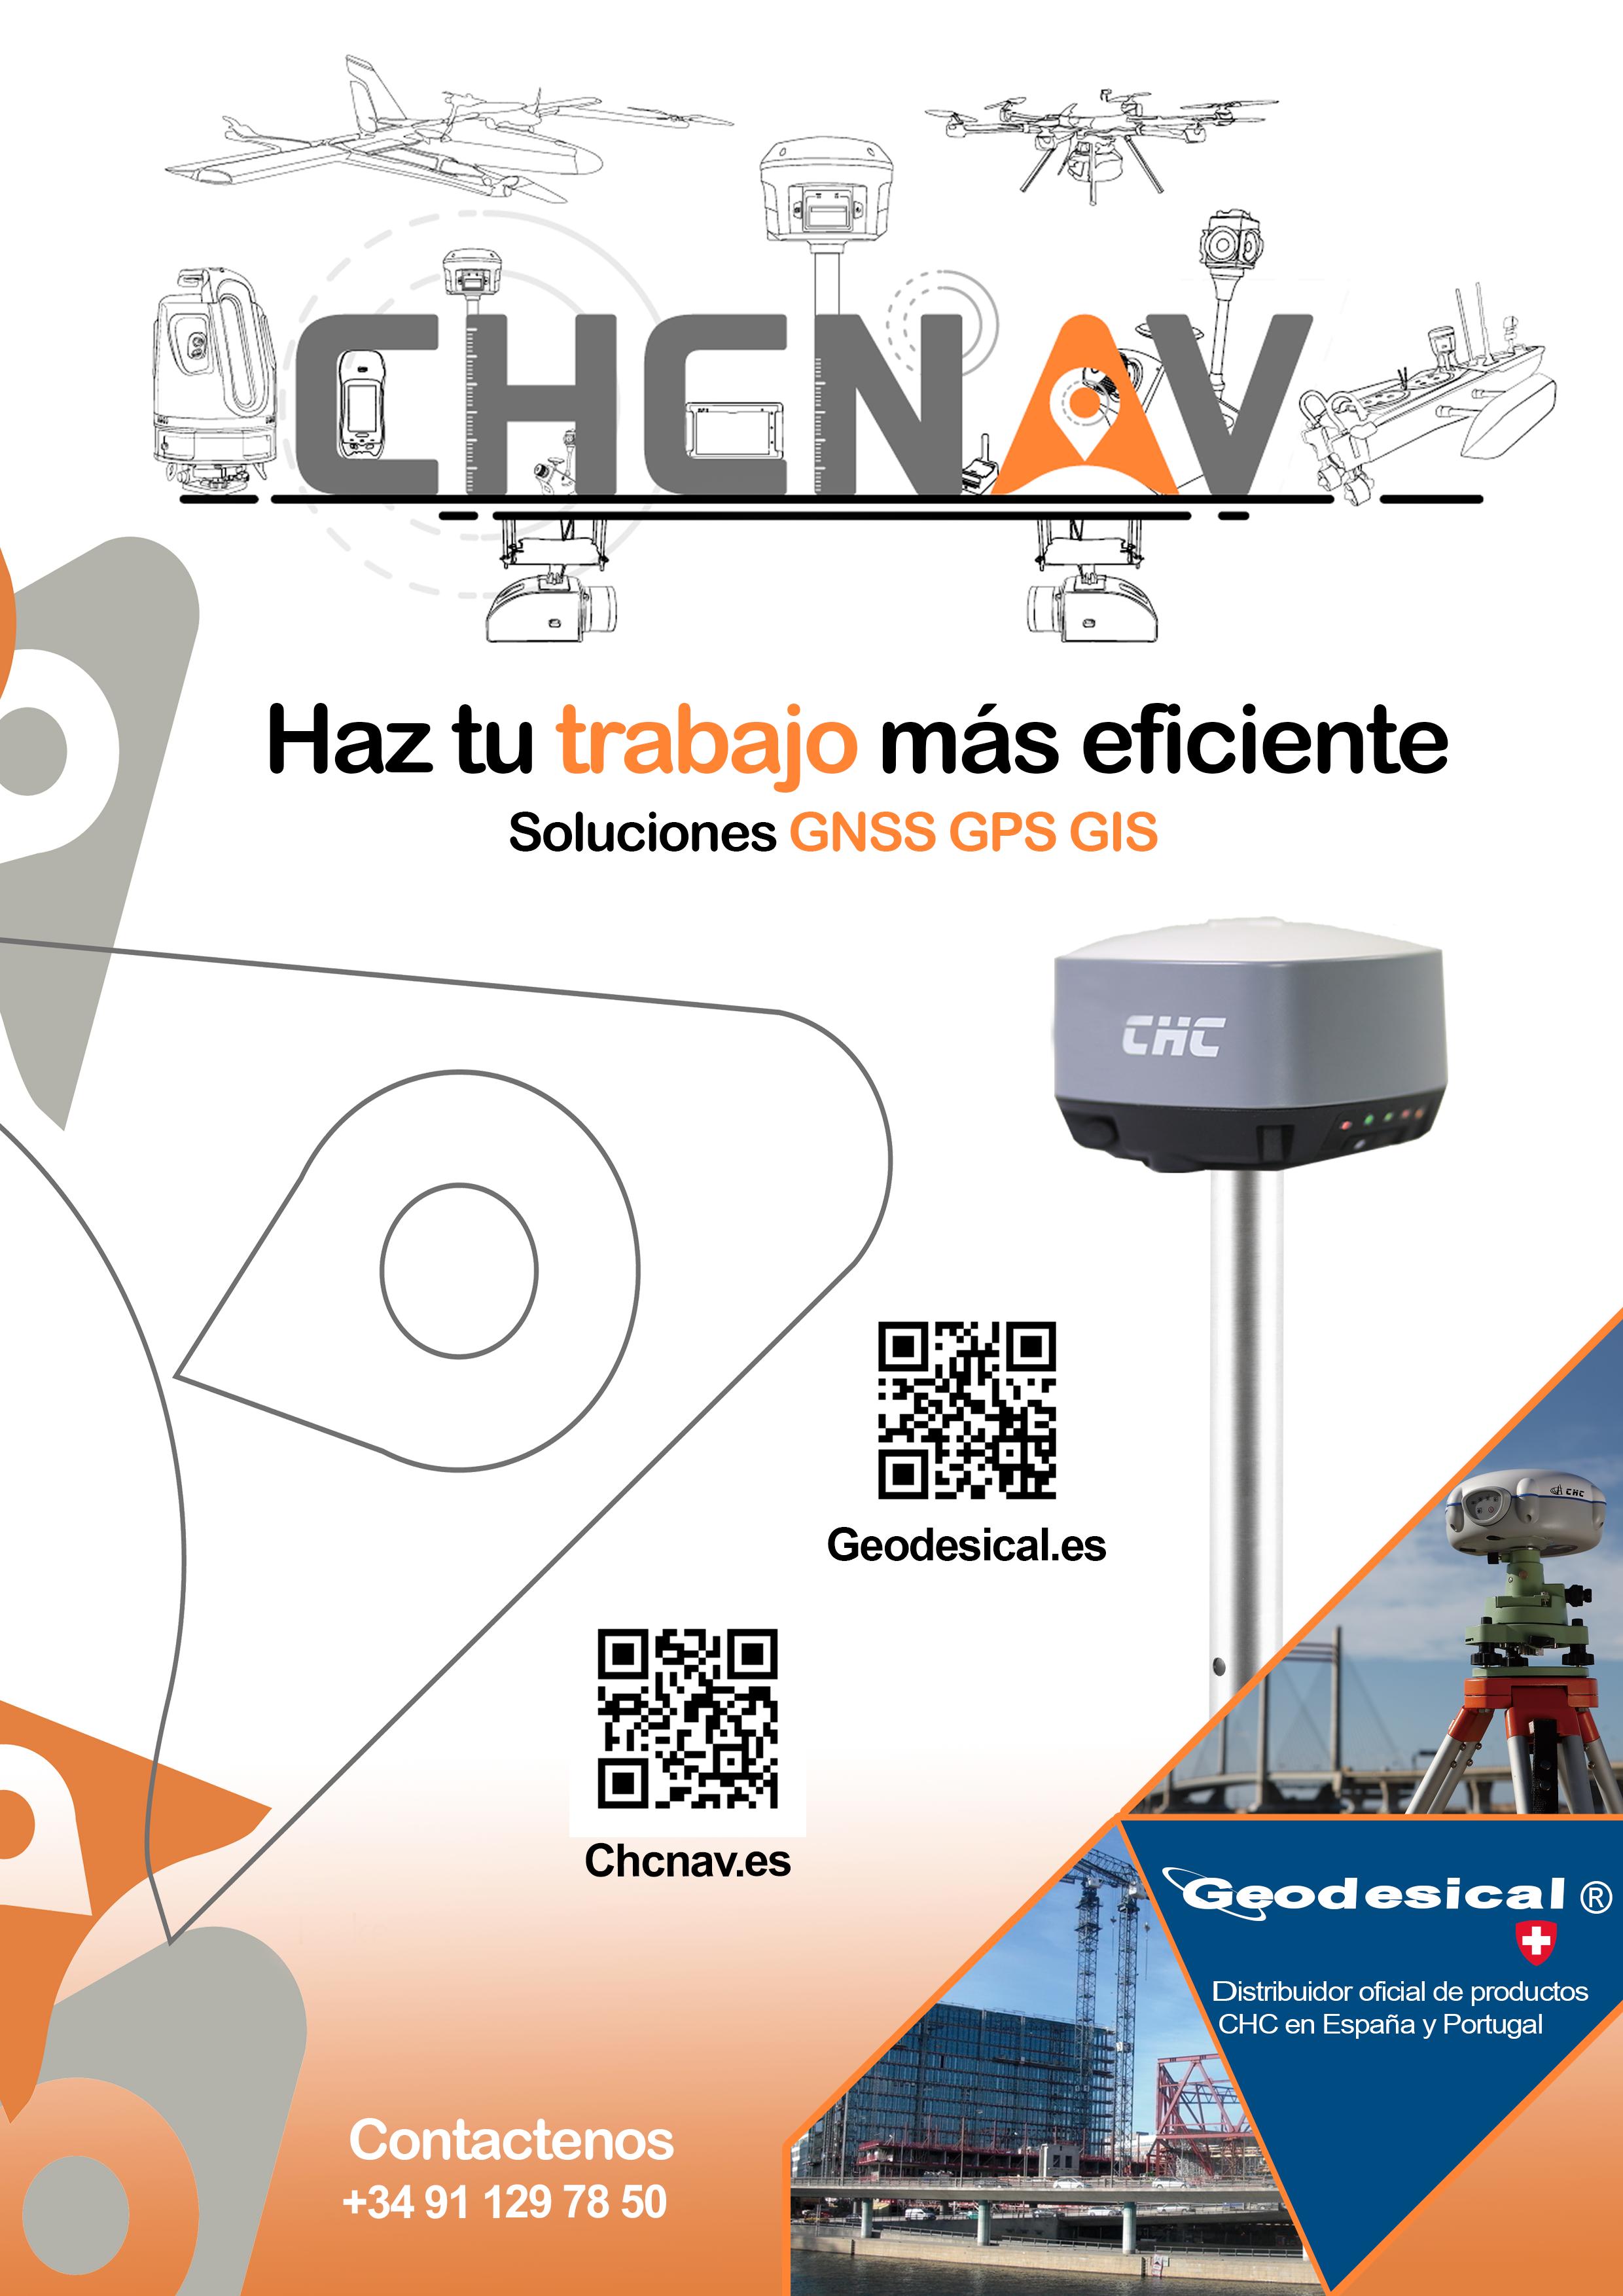 20/03/2018-Presentacion de CHC en Mapping